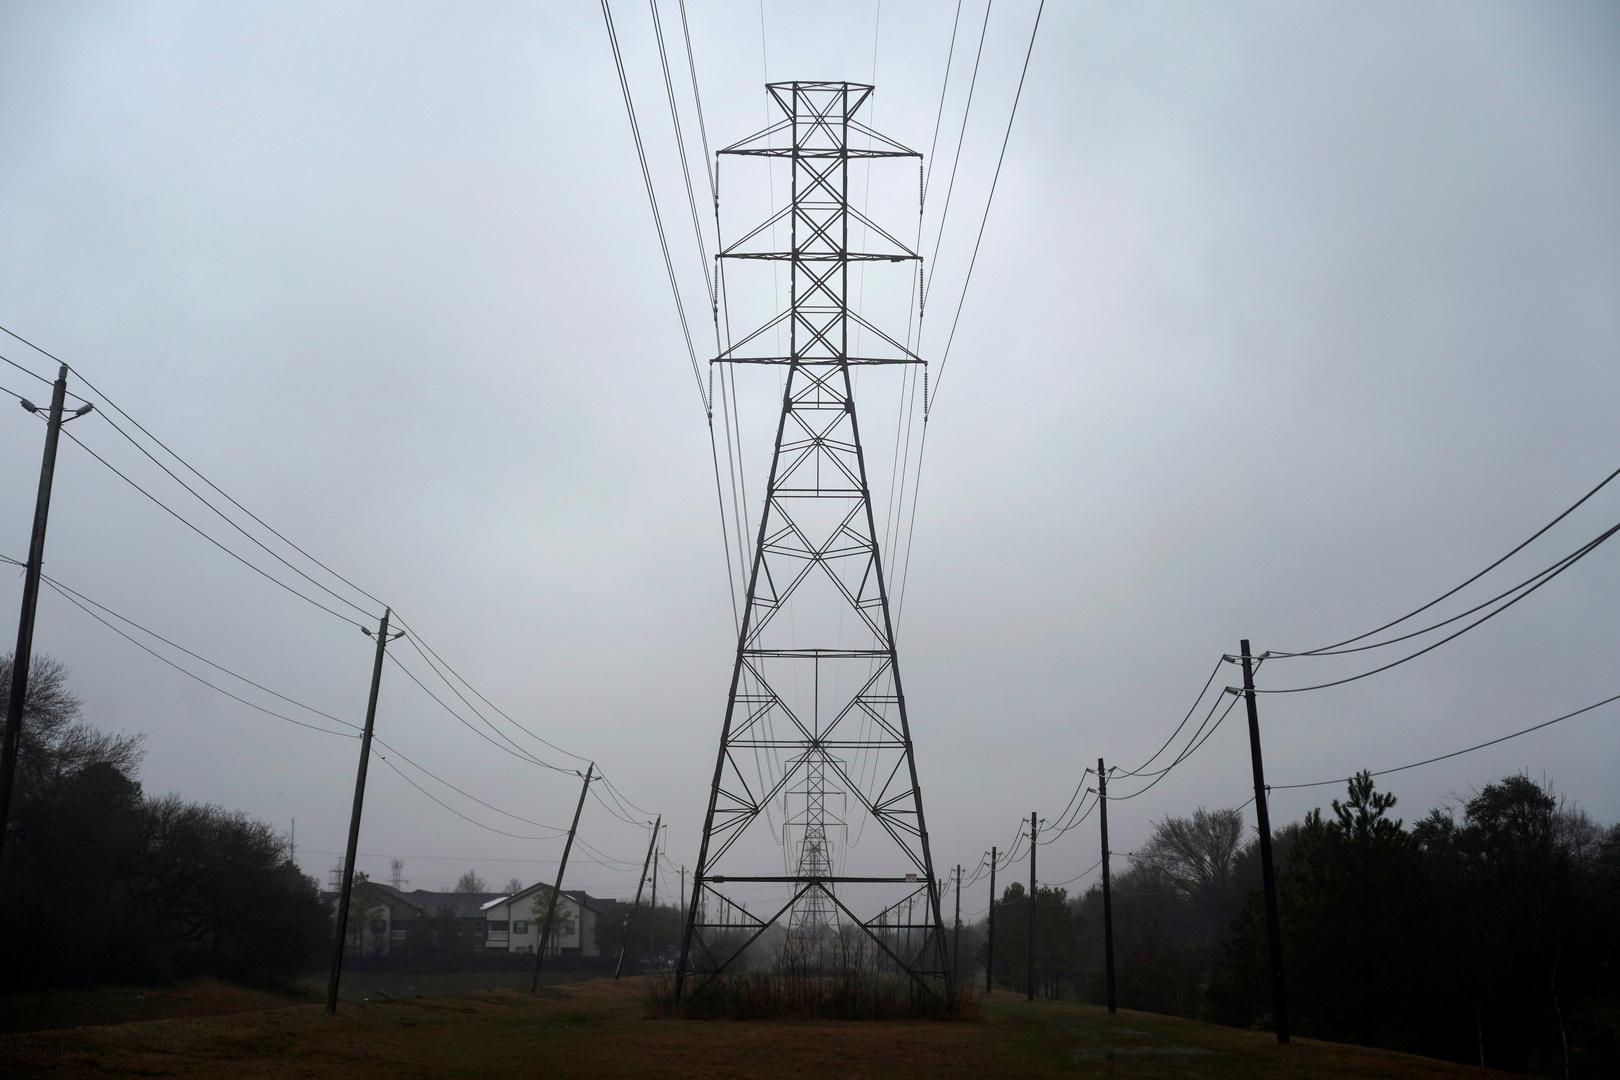 موجة برد قوية تضرب الولايات المتحدة تحرم الملايين من الكهرباء (صور)